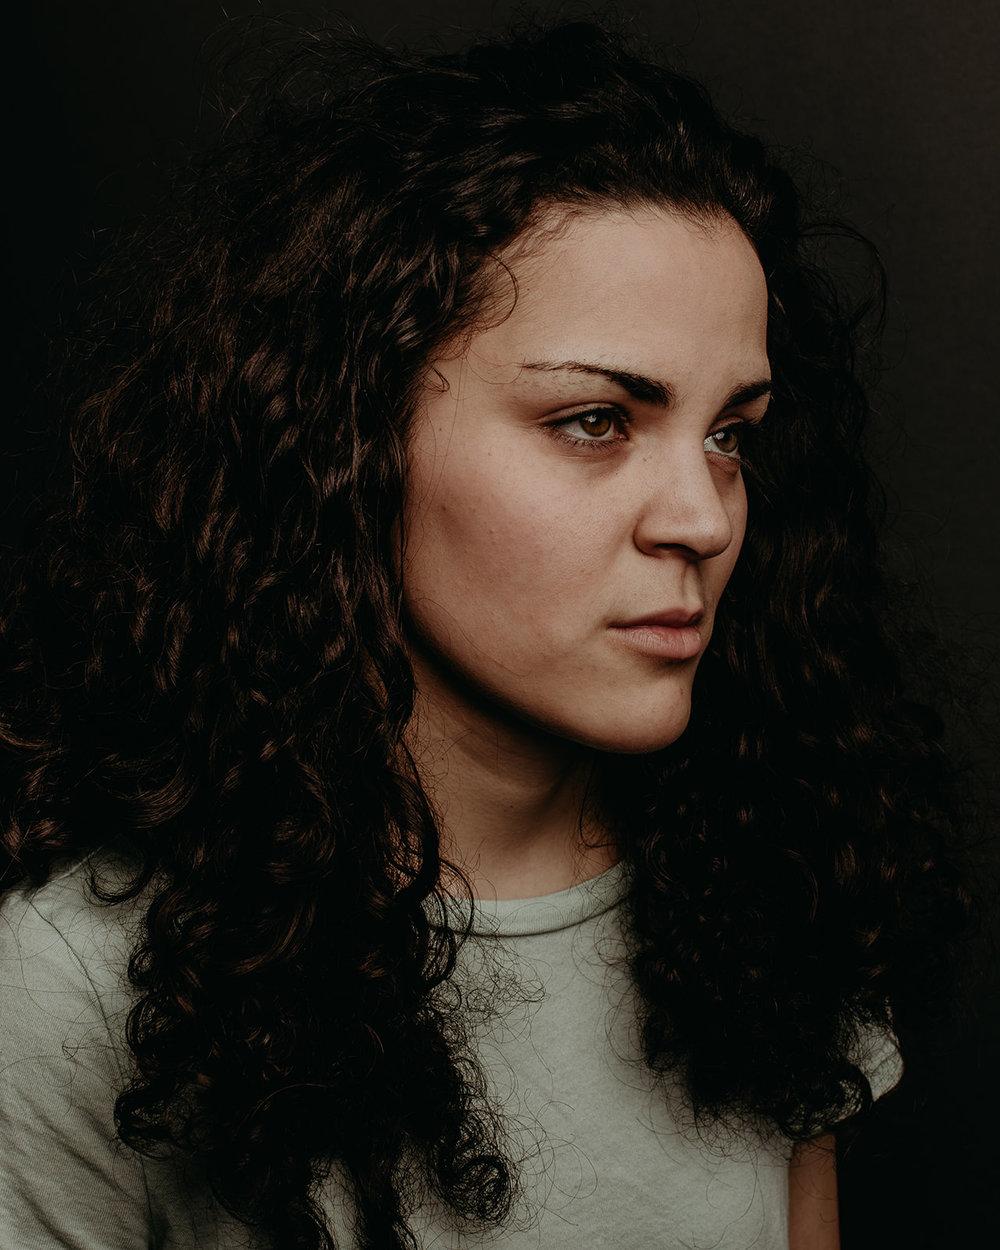 Briana White